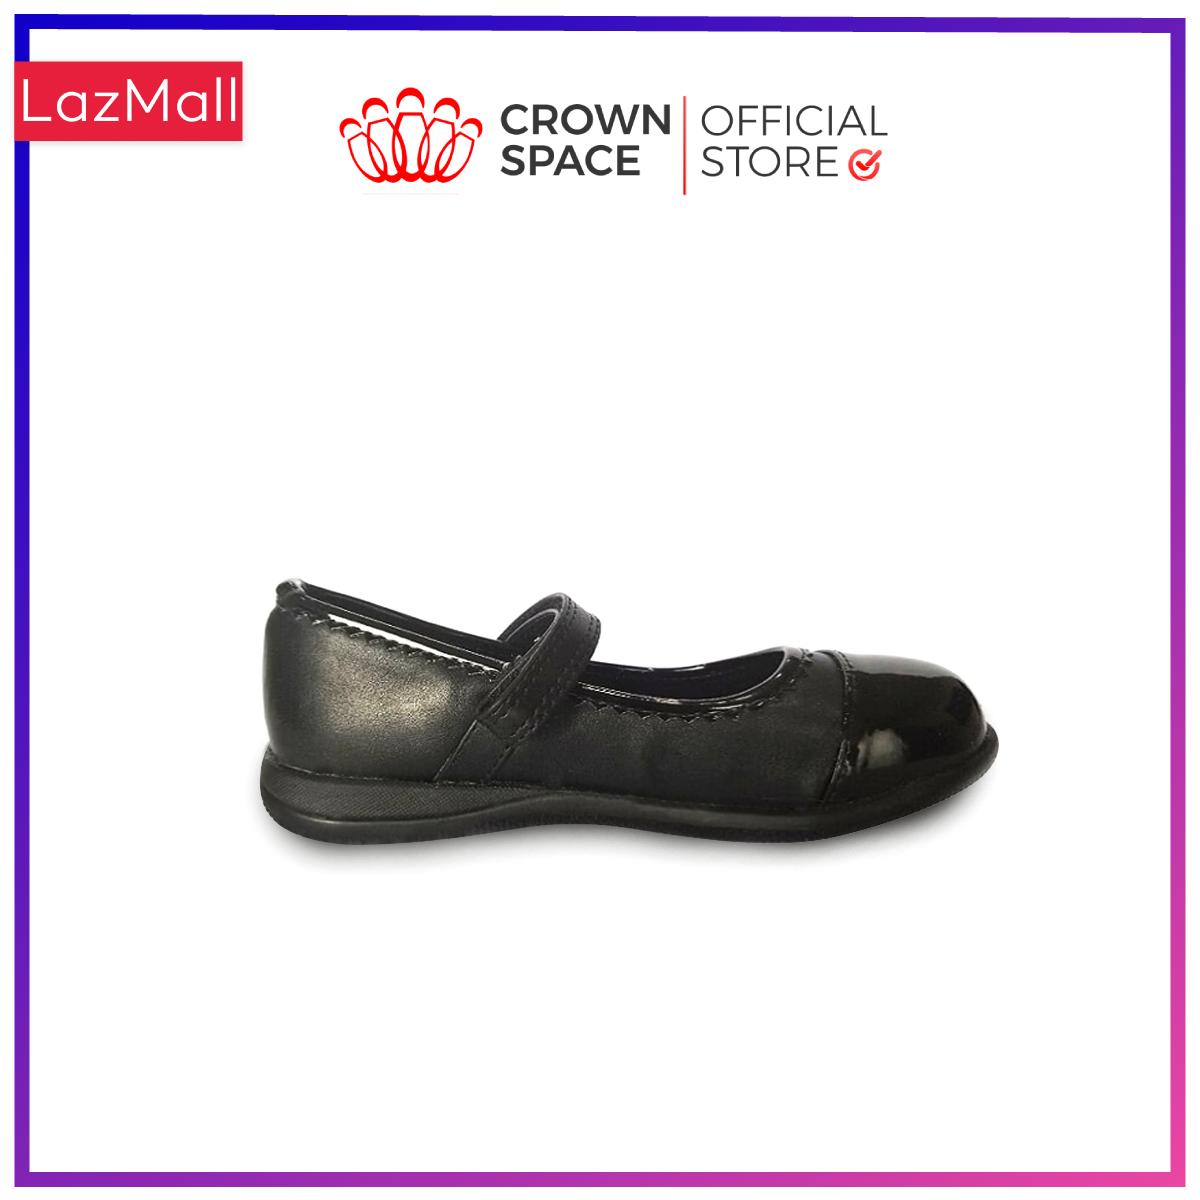 Giày búp bê đi học bé gái Crown Space UK giày búp bê cho bé từ 4 đến 14 tuổi size 28 đến 36 đi nhẹ êm chân thoáng mát CRUK3030